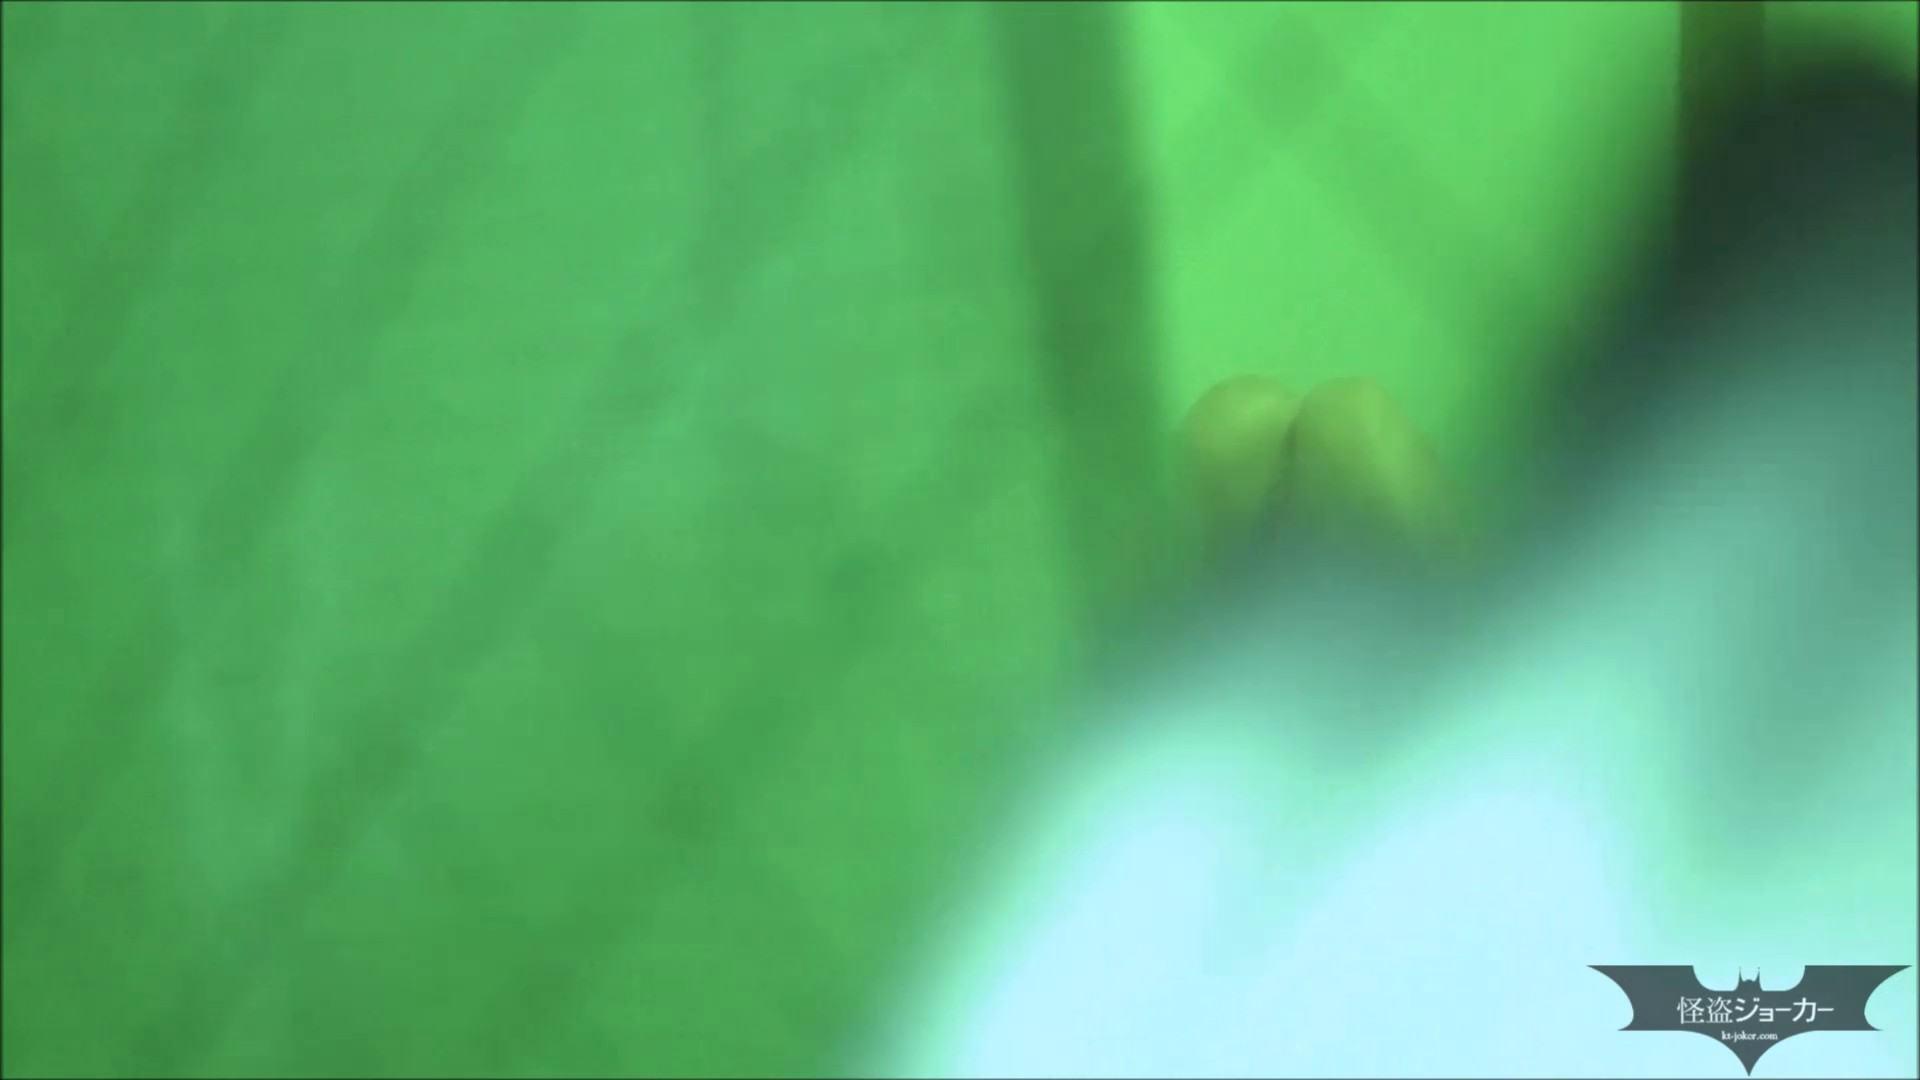 覗き見 Vol.2 【覗き見】♀友達のオナニー。-美人OL- 高画質動画 オメコ動画キャプチャ 56画像 38